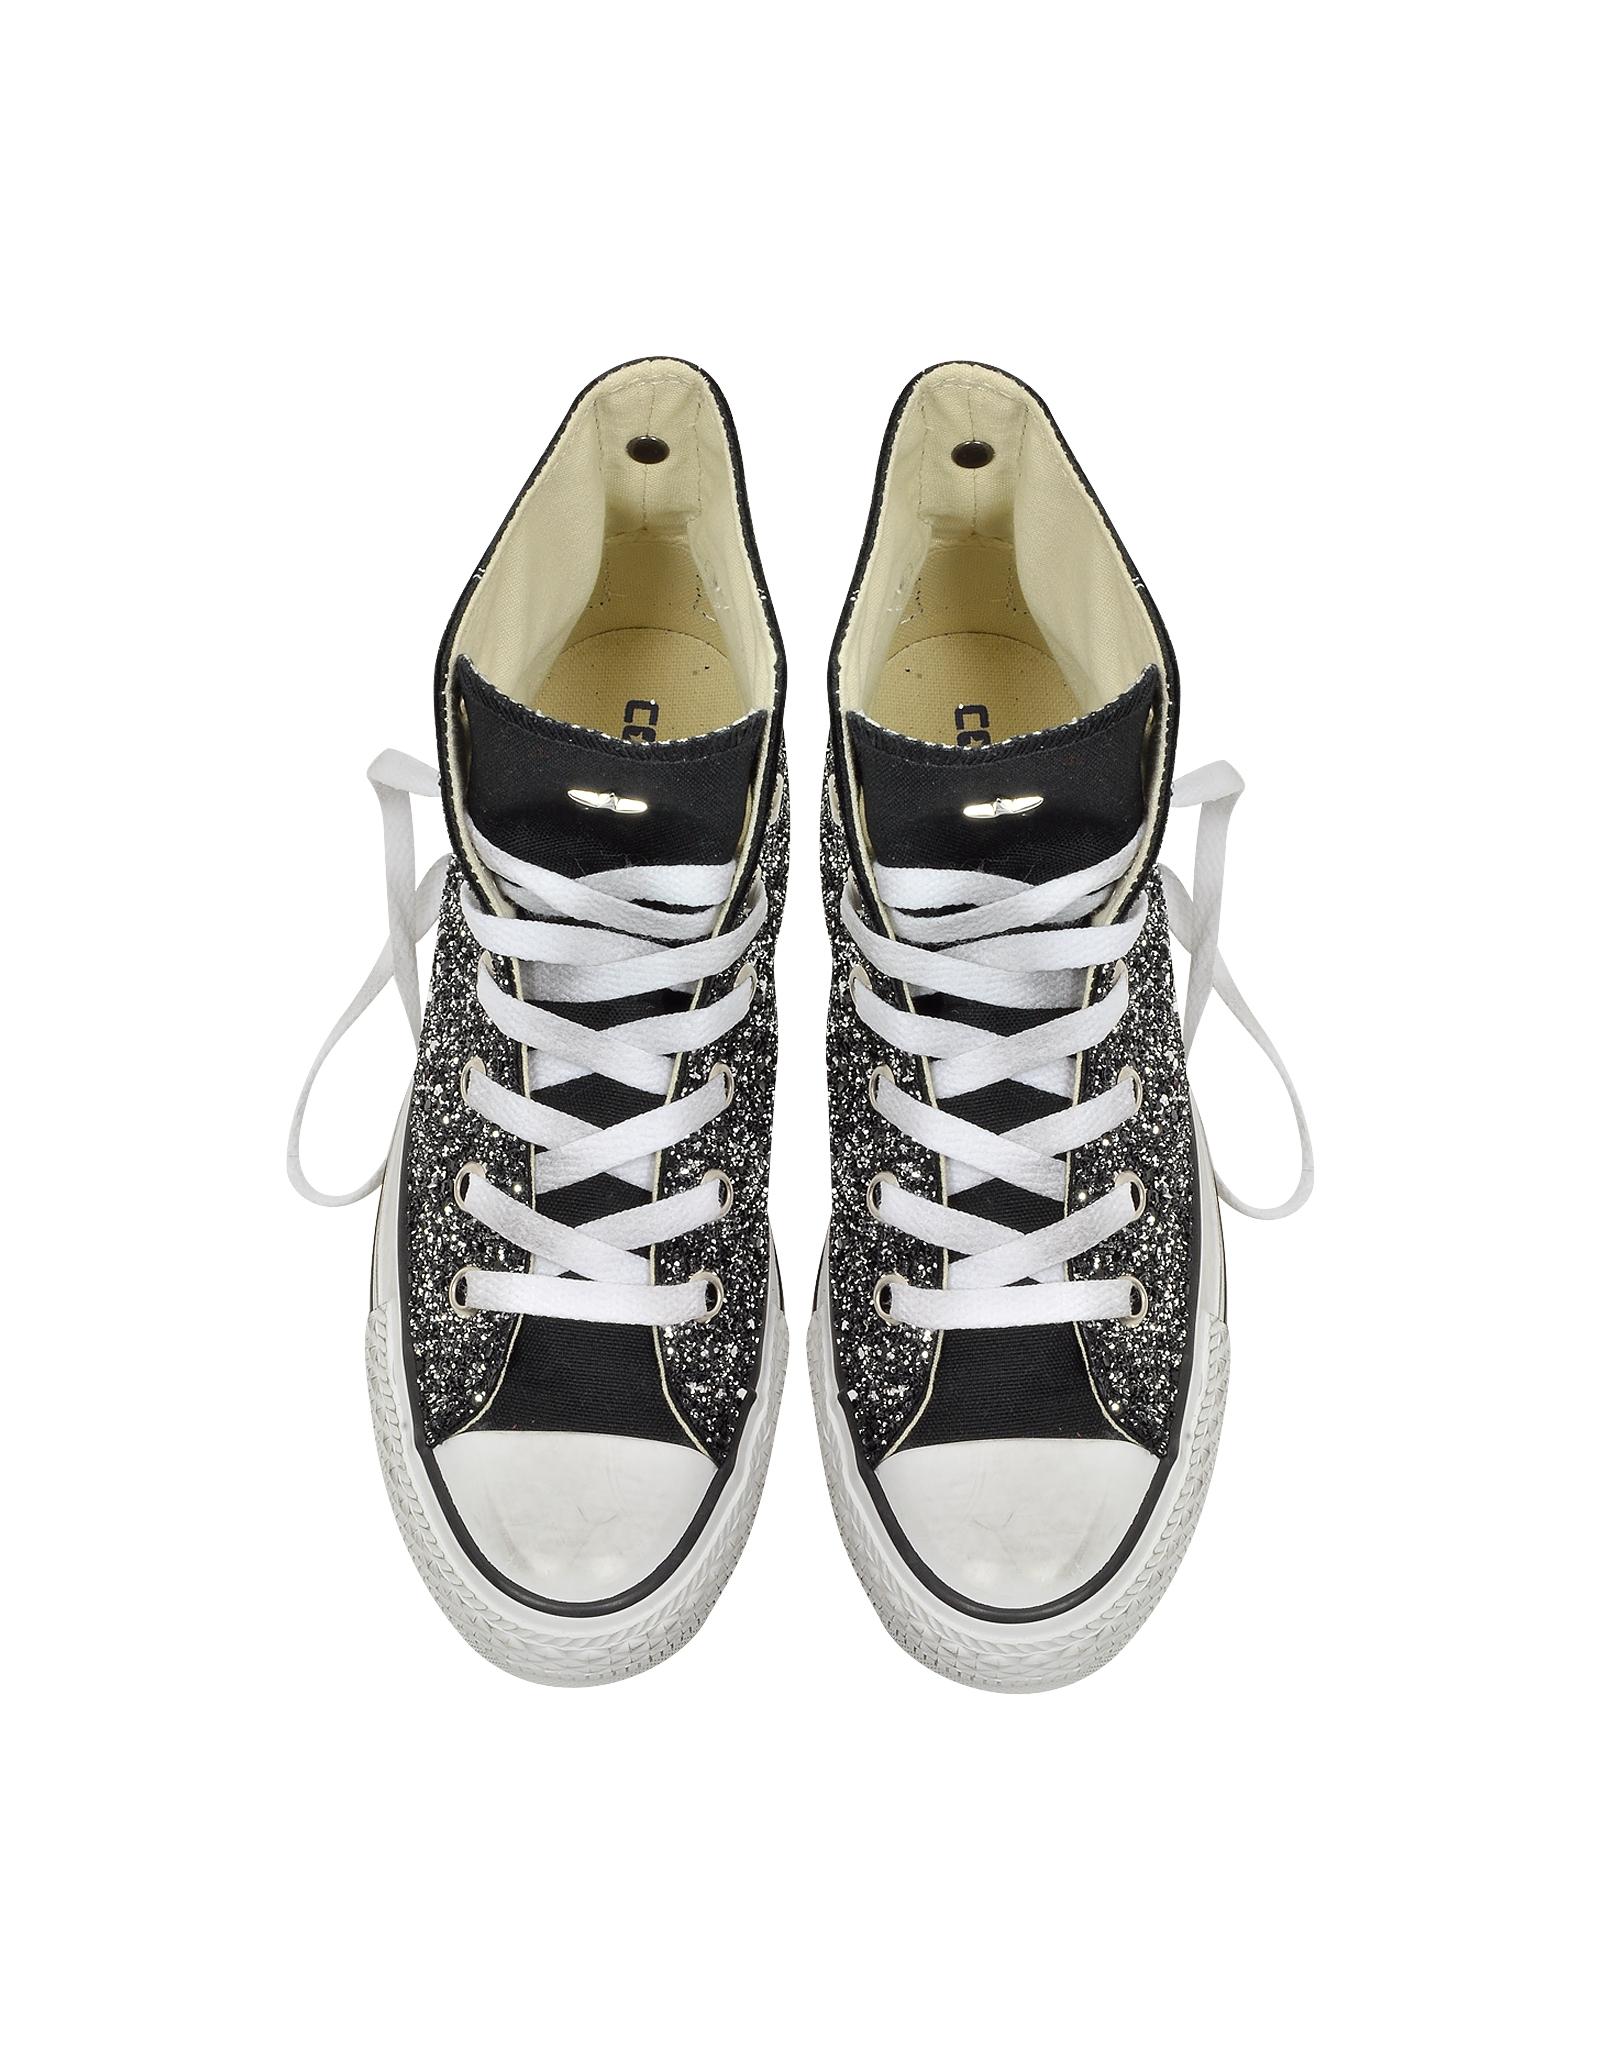 Sequin Black Converse Shoes